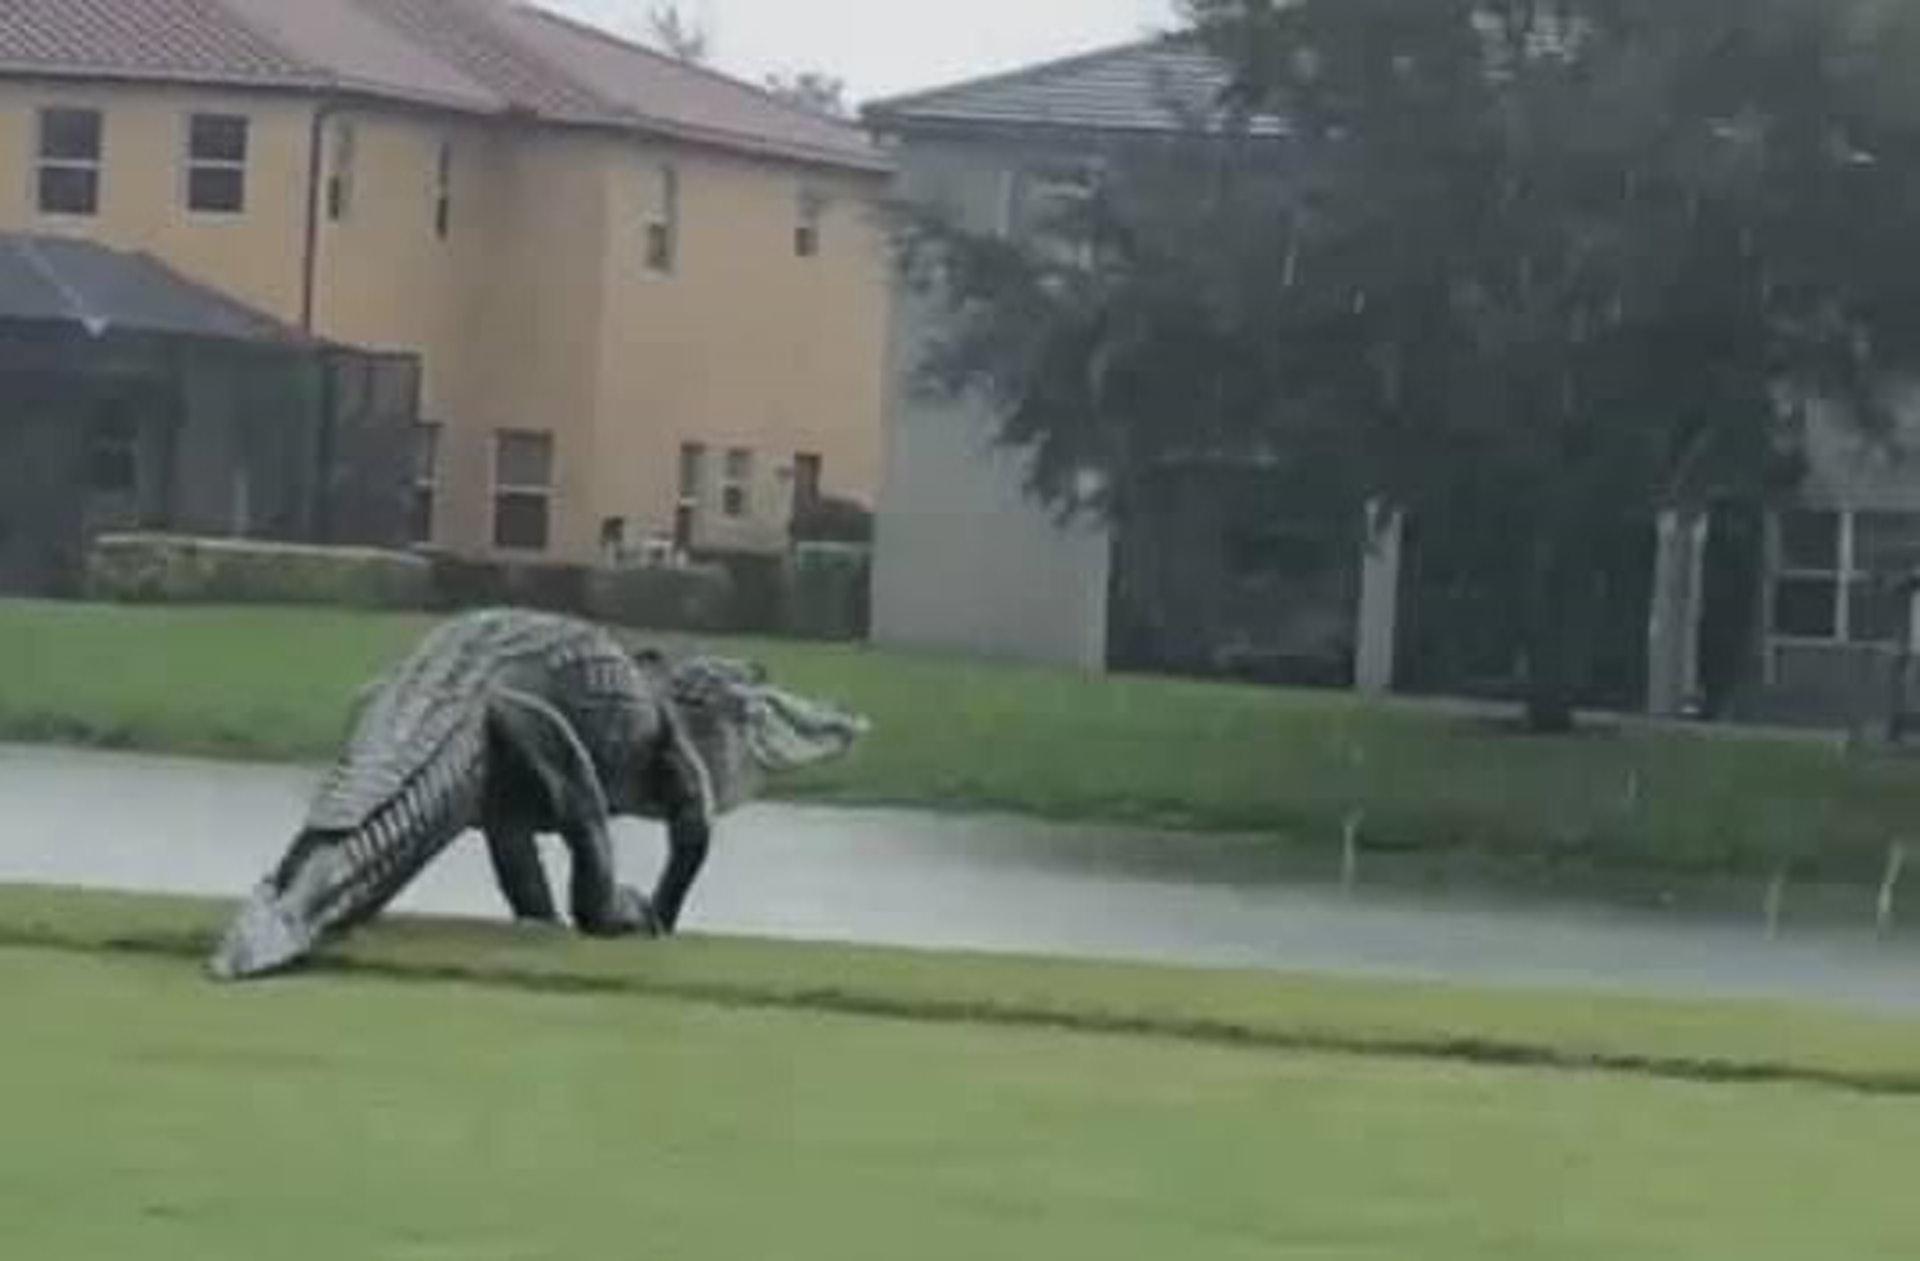 哥斯拉?!一隻巨大生物悠闲地在球场上散步 目测至少3米